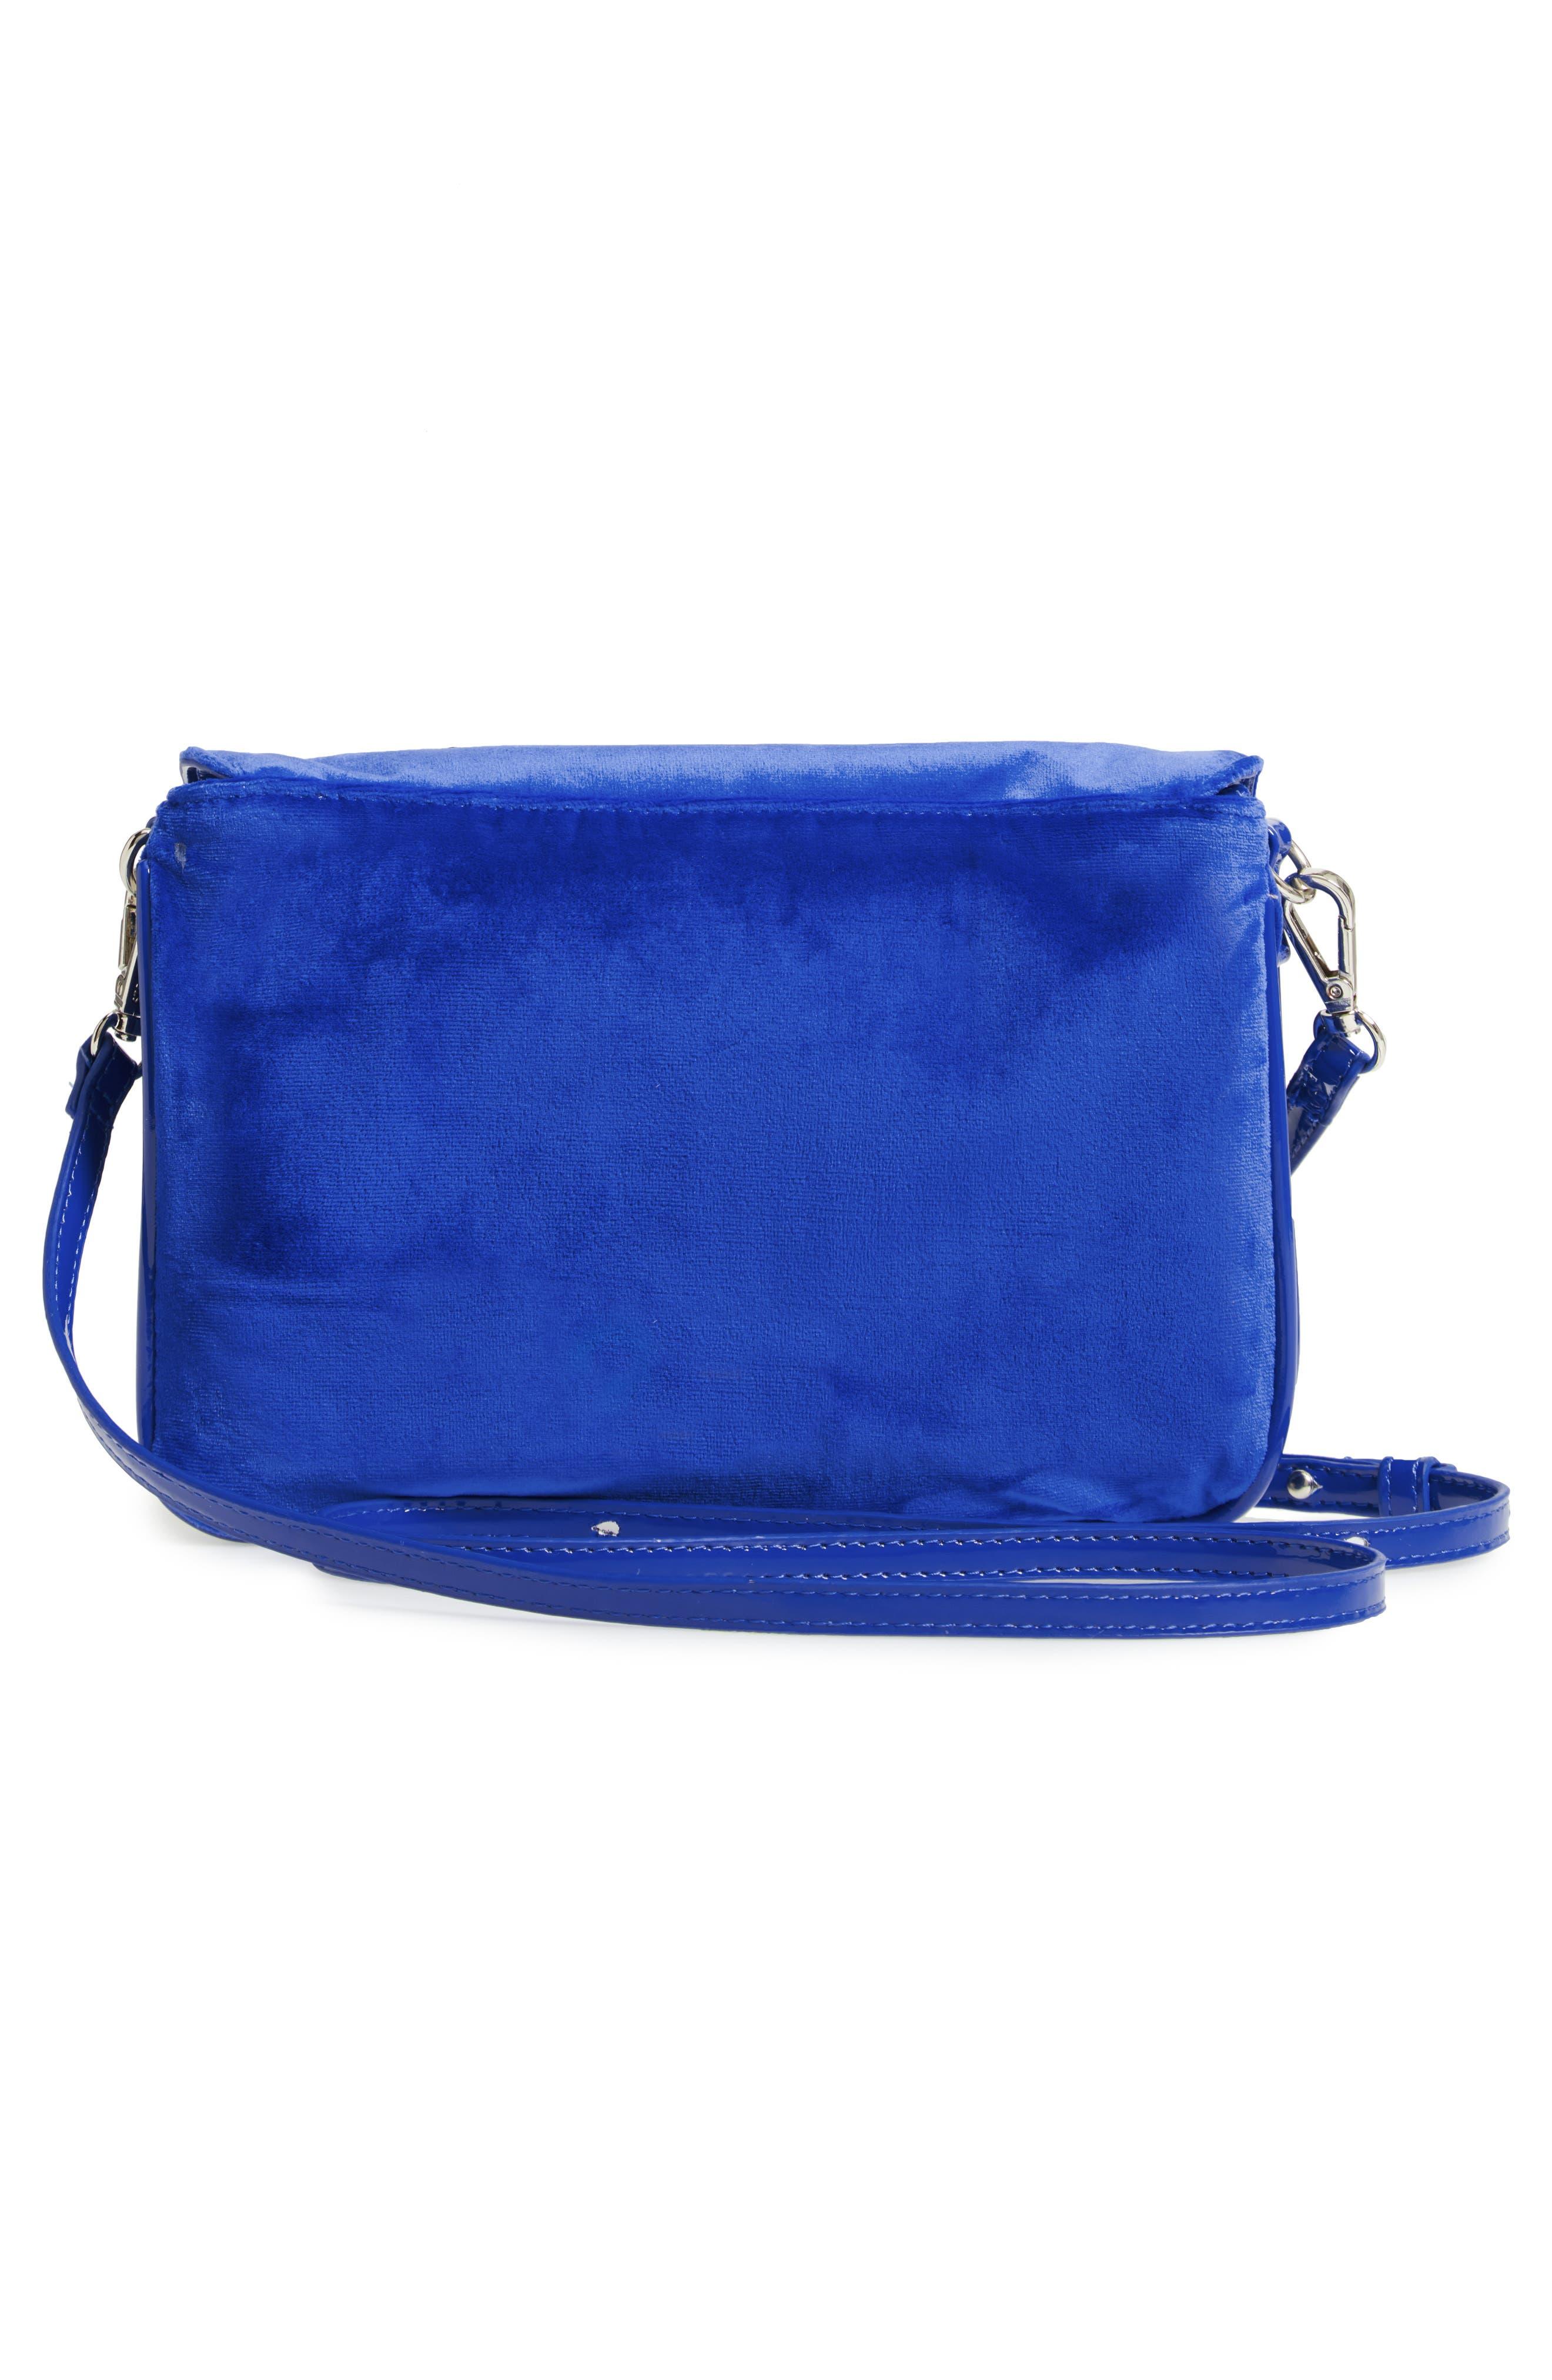 Velvet Crossbody Bag,                             Alternate thumbnail 3, color,                             BLUE